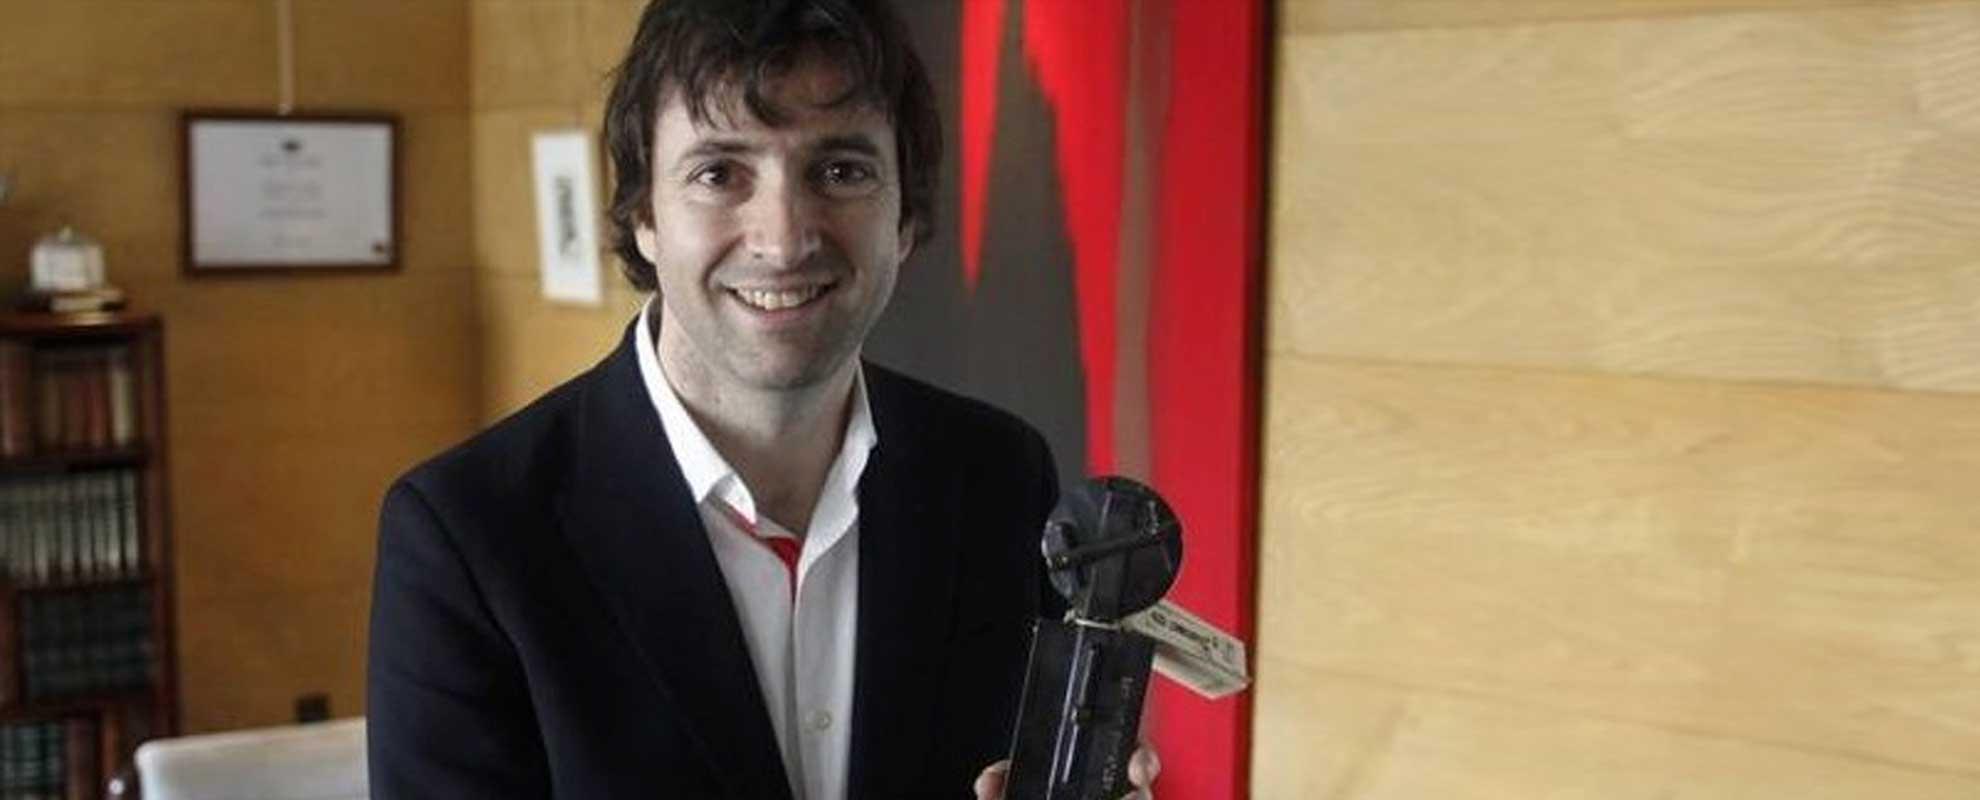 Premio-Asturiano-del-mes-Óliver-Díaz